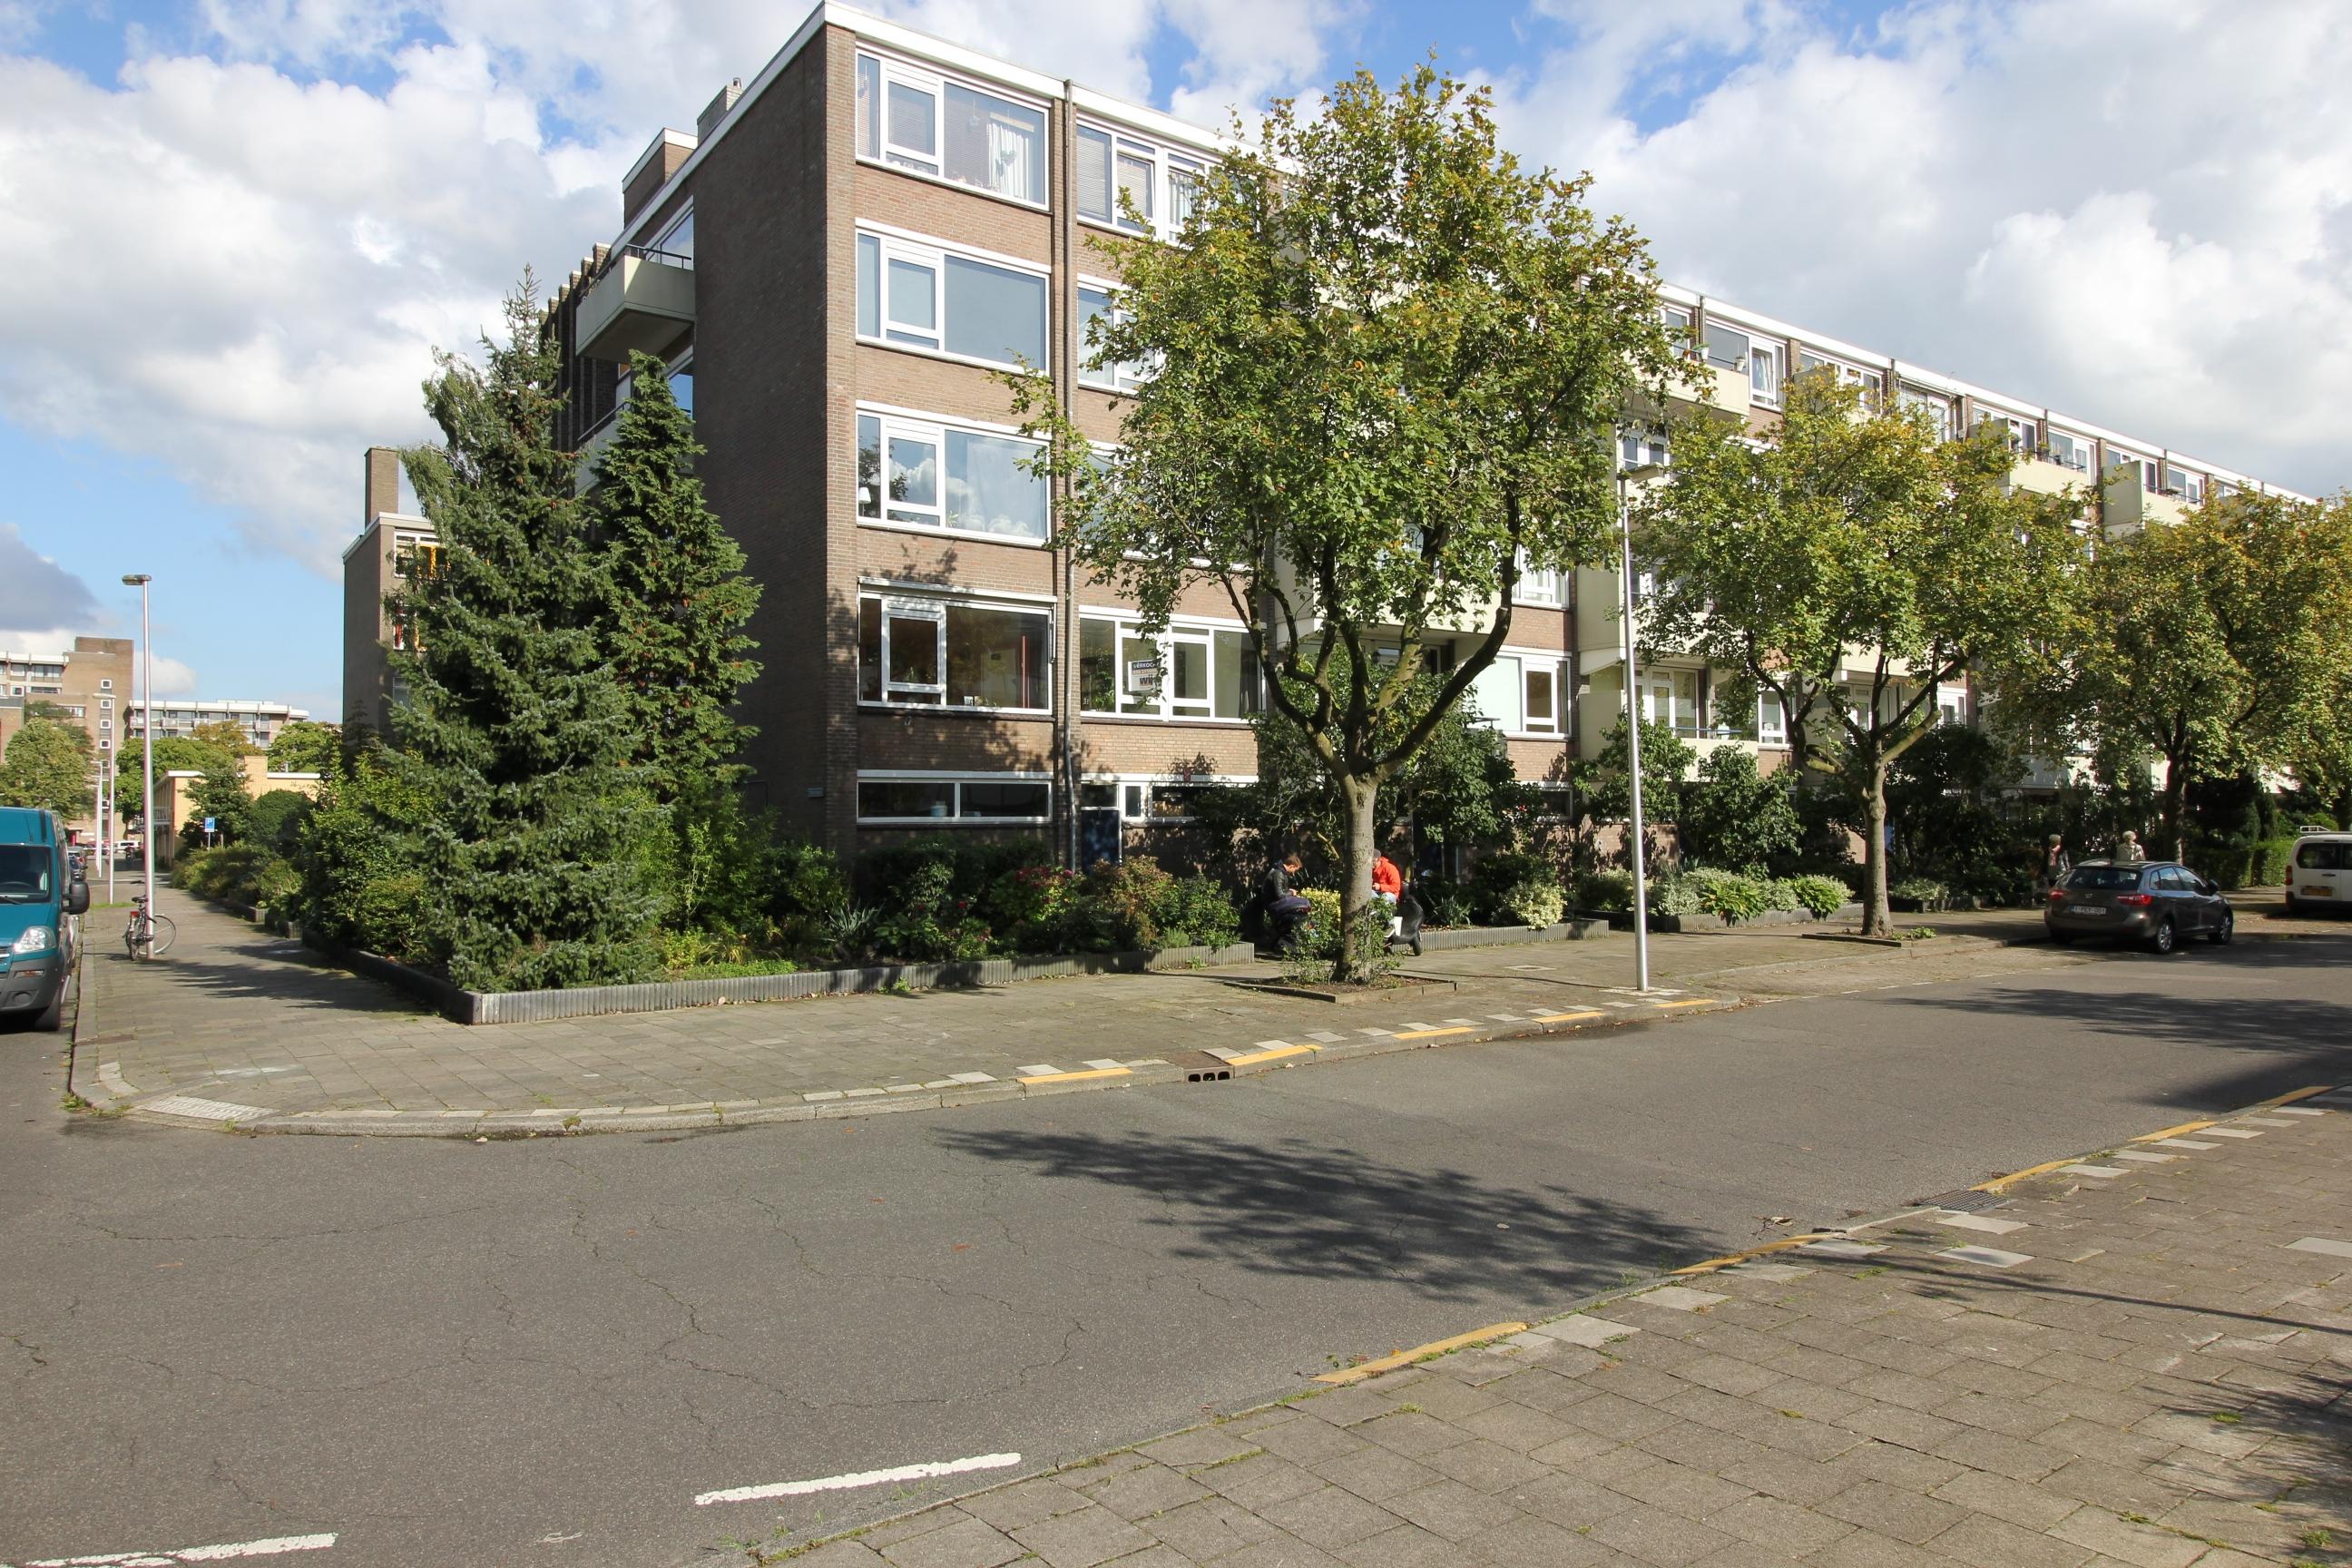 Verhuurd: Telderslaan 72, 3527 KH Utrecht